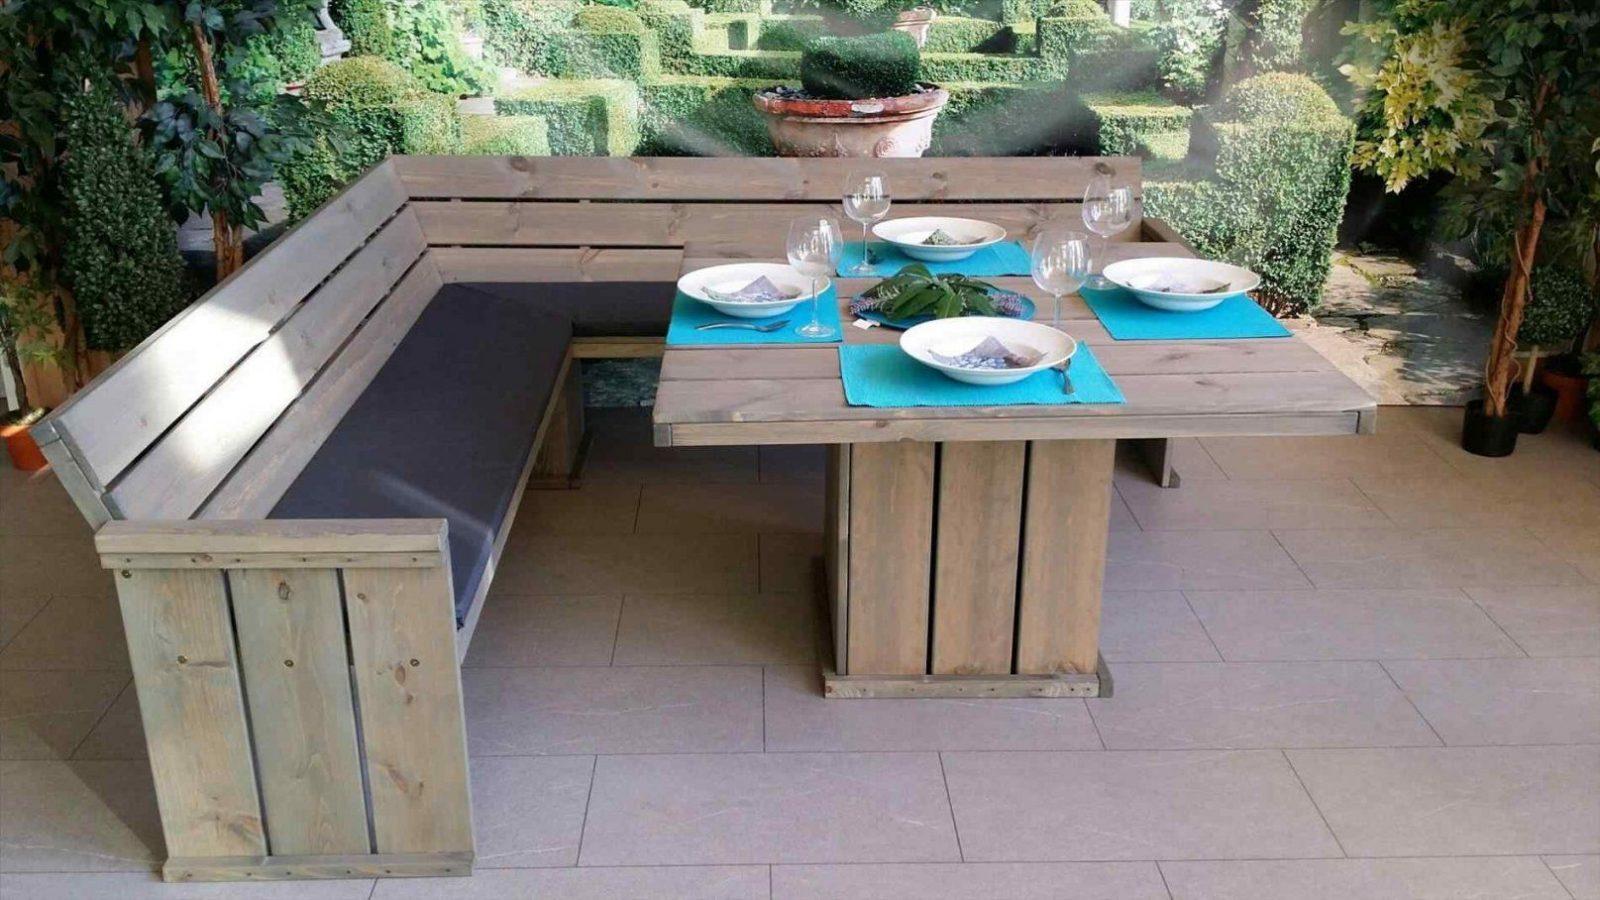 Attractive Ideas Eckbank Garten Hause Deko Ideen Seoru Me Selber von Eckbank Garten Selber Bauen Photo